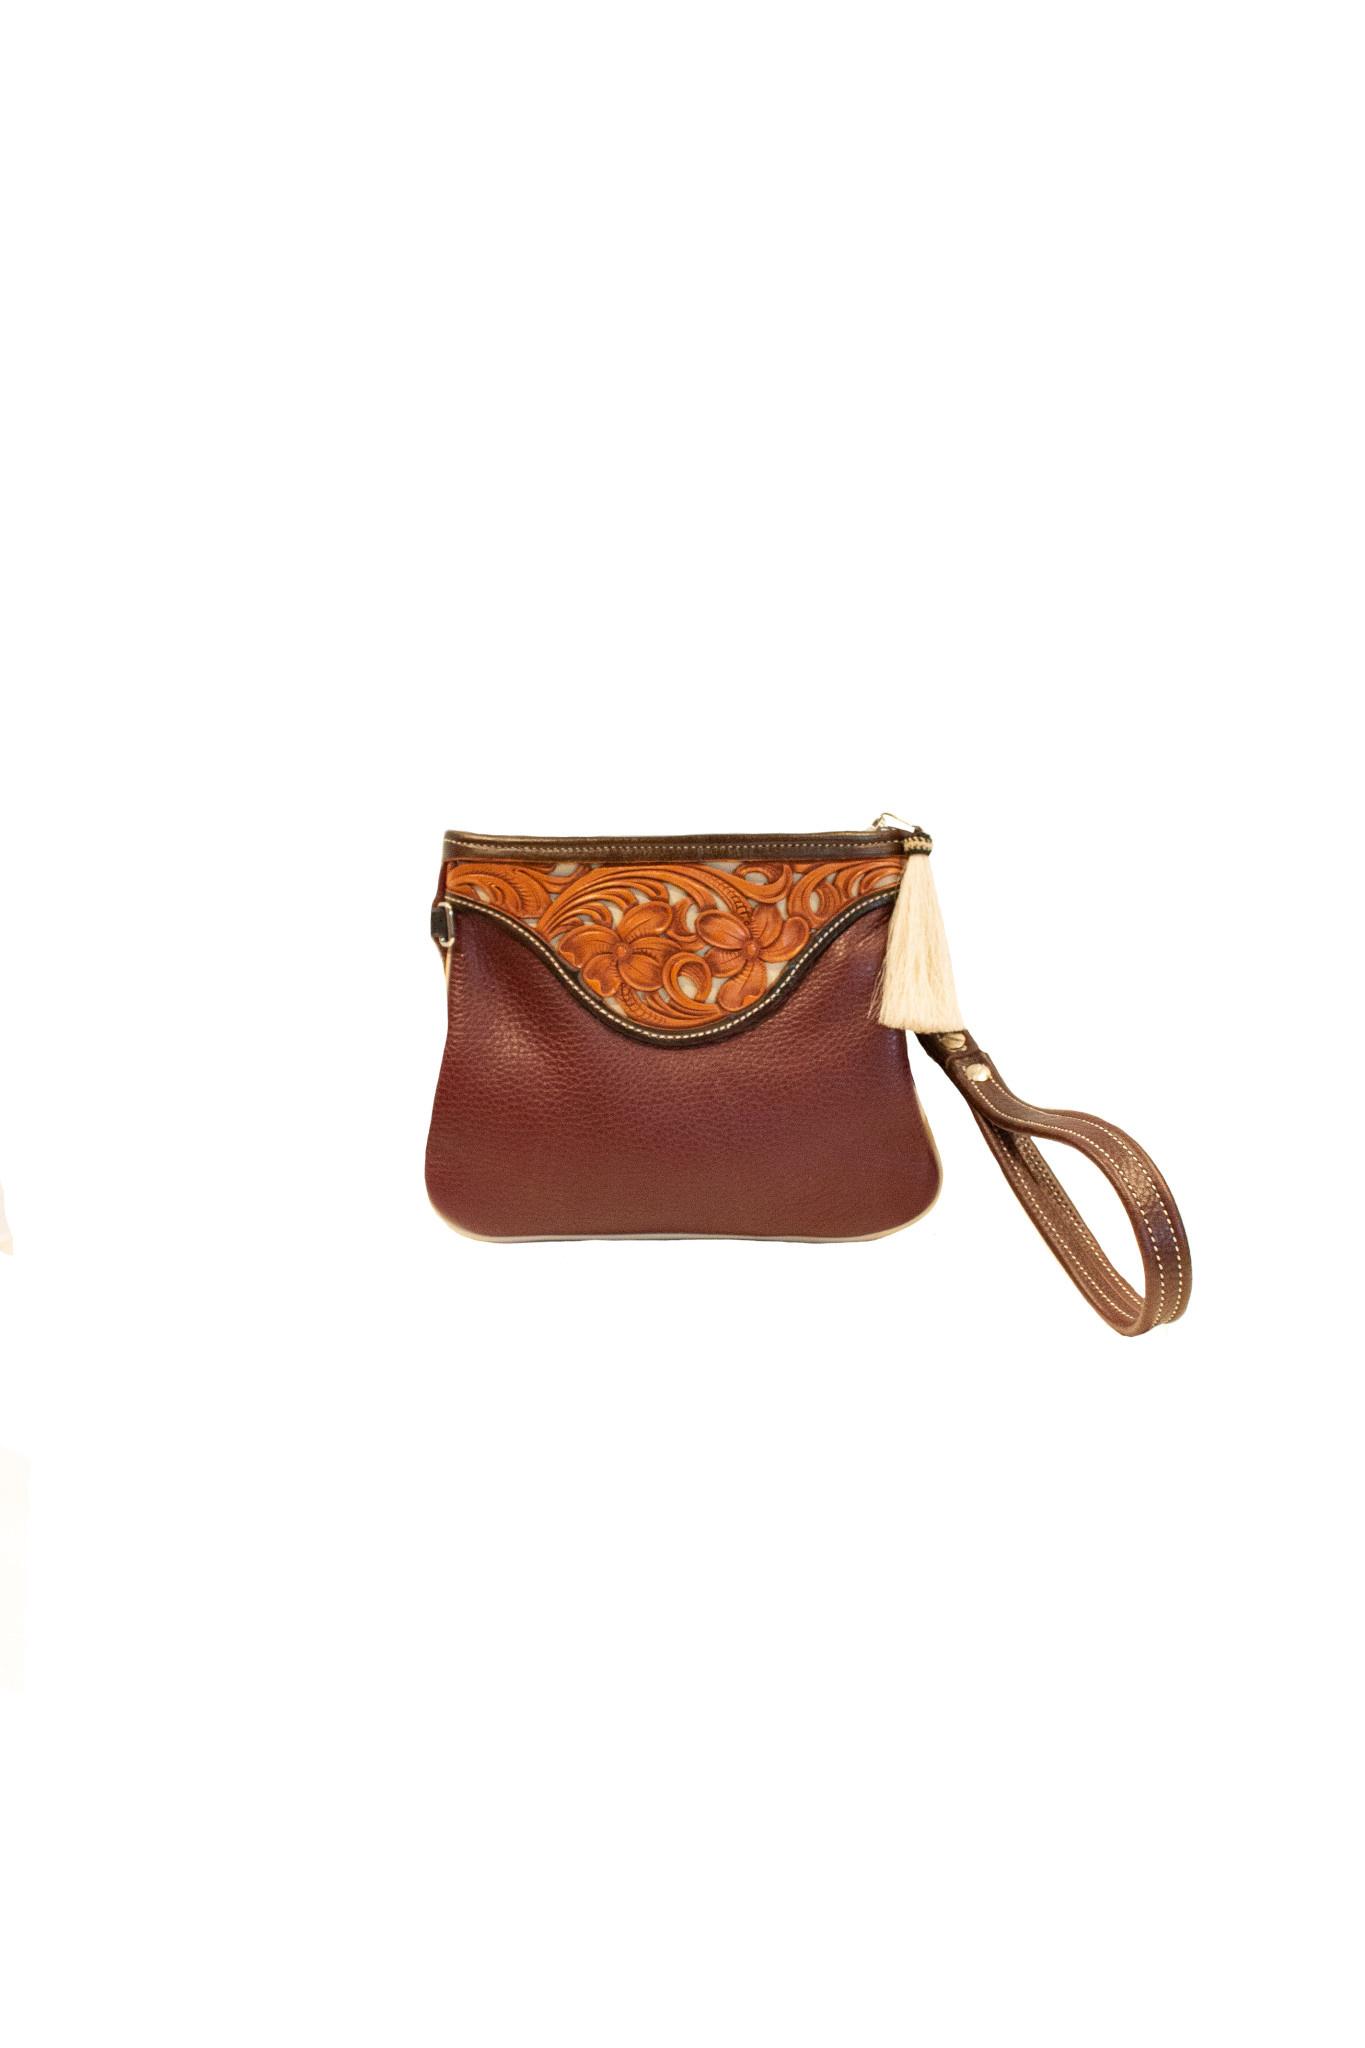 Boedeker Leather Purple Wristlet, Shldr Strap